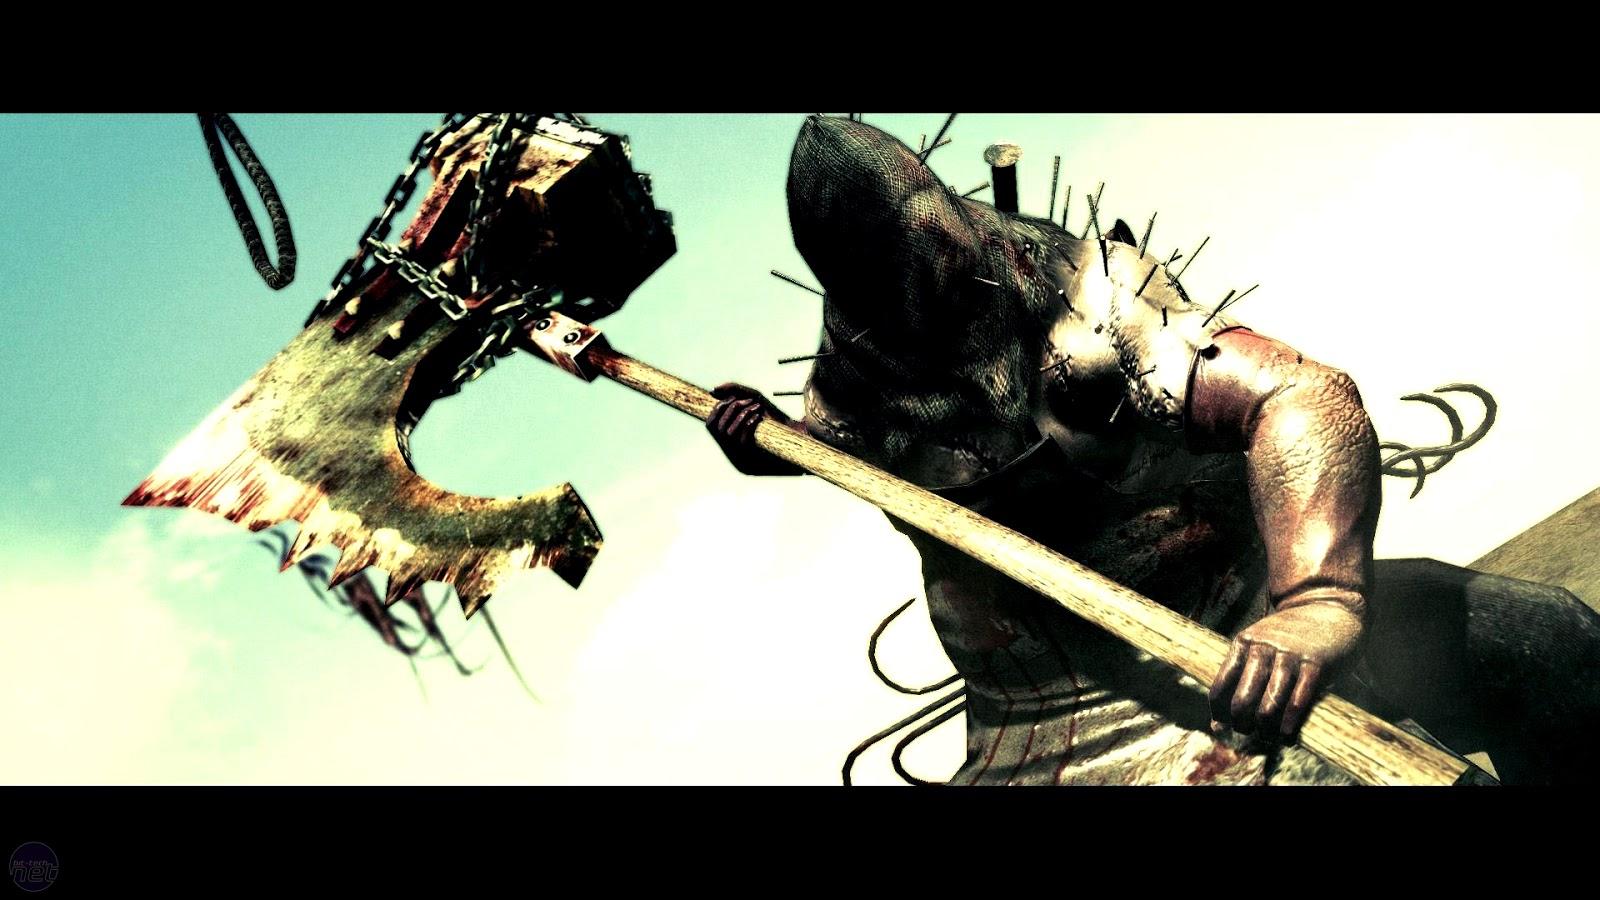 Resident Evil 5 art